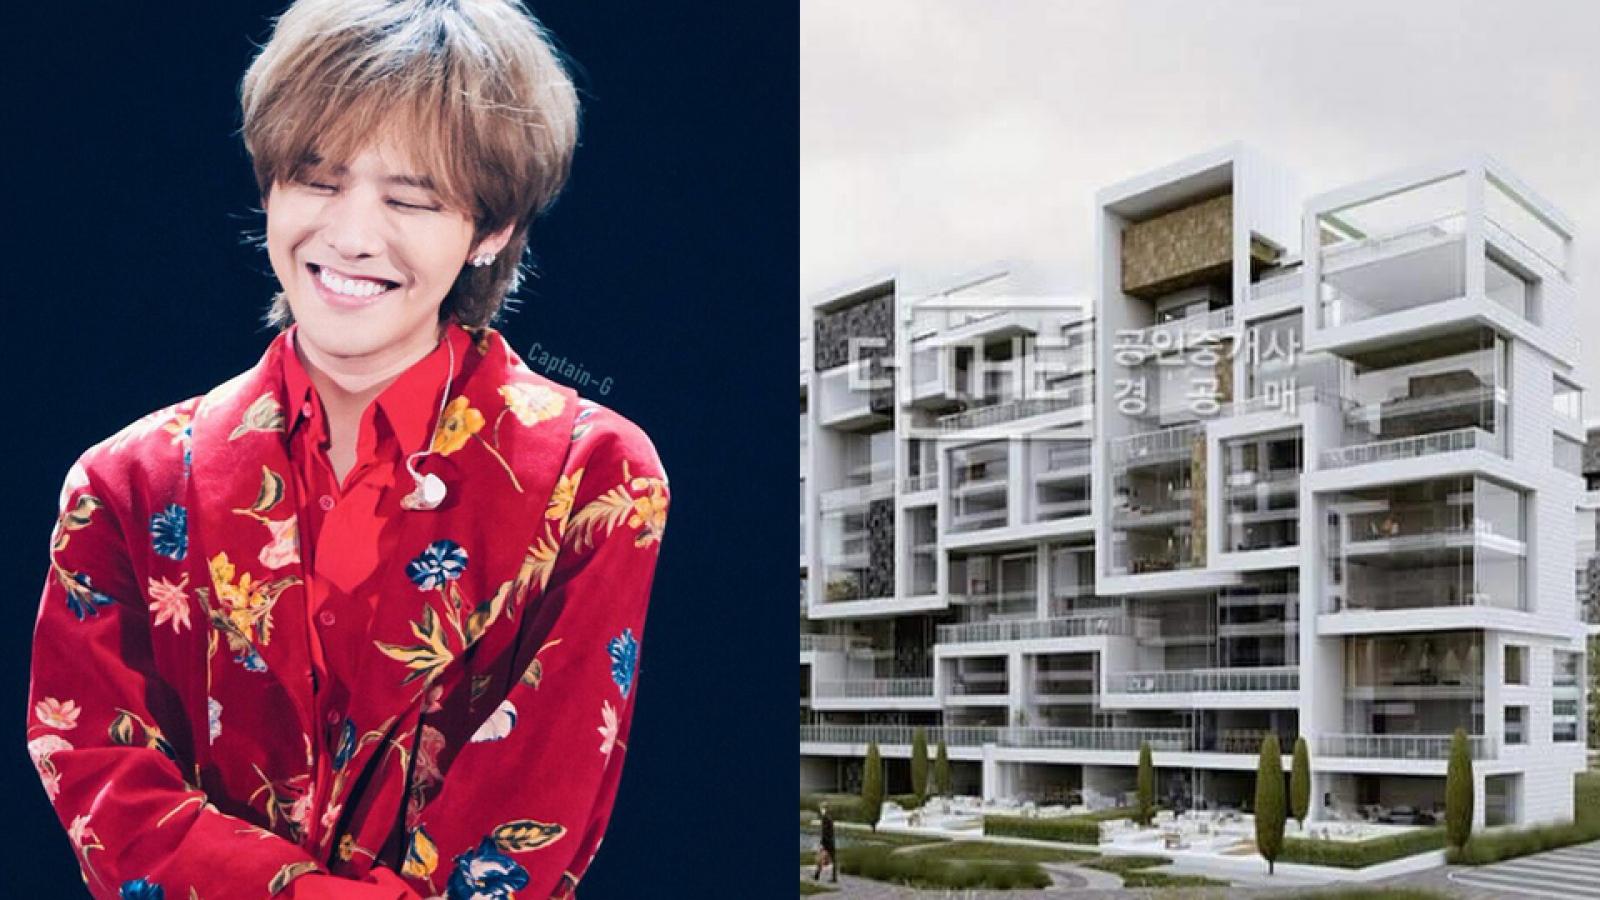 Cận cảnh căn hộ hạng sang trị giá hơn 170 tỷ đồng của G-Dragon